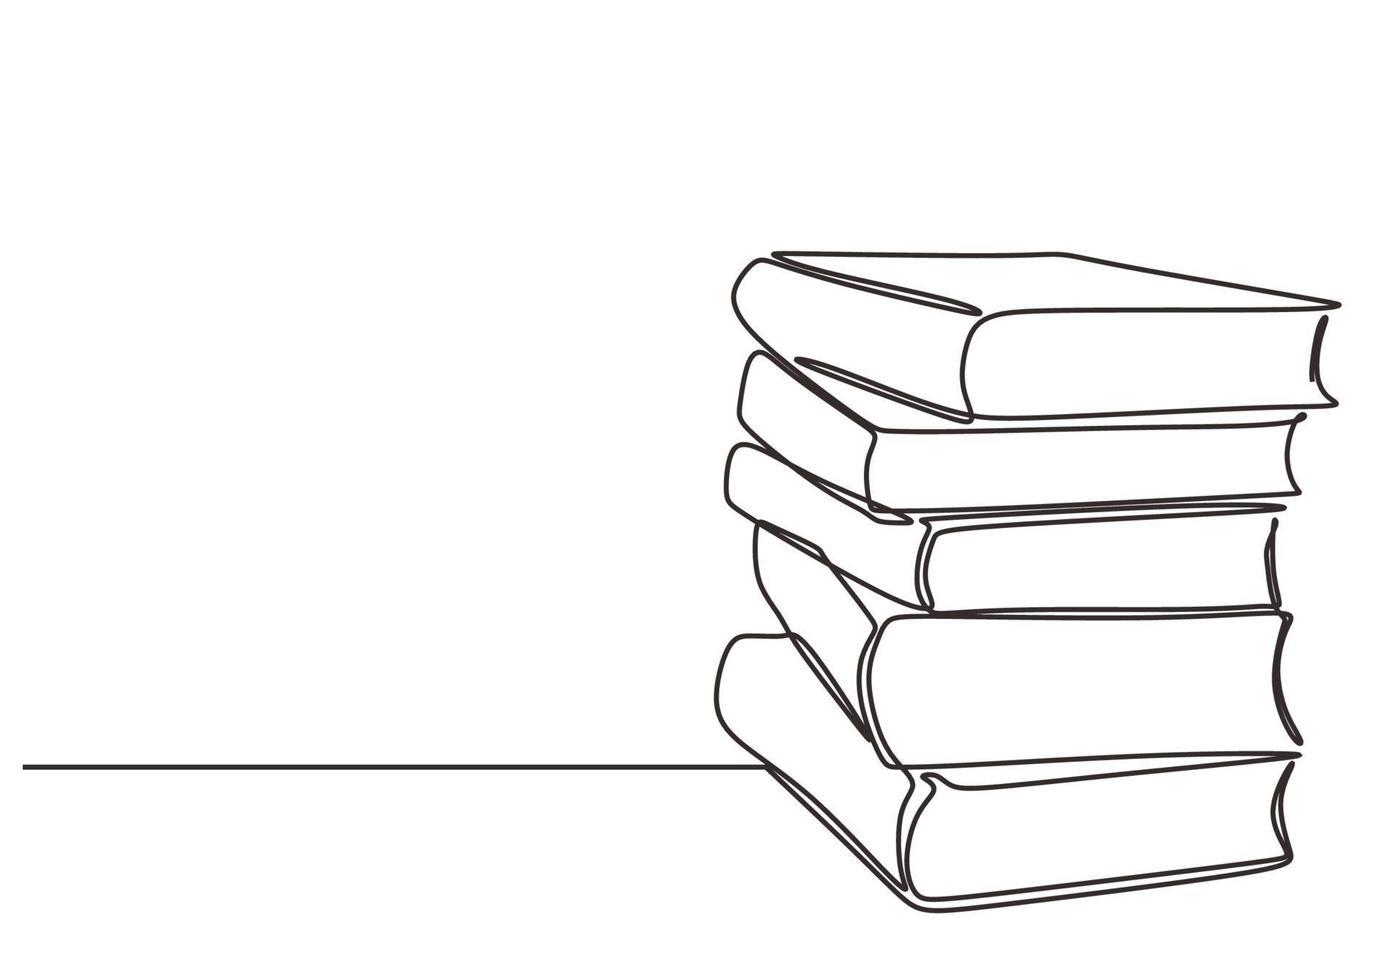 pilha de livro com desenho de linha contínua desenhado à mão minimalista vetor